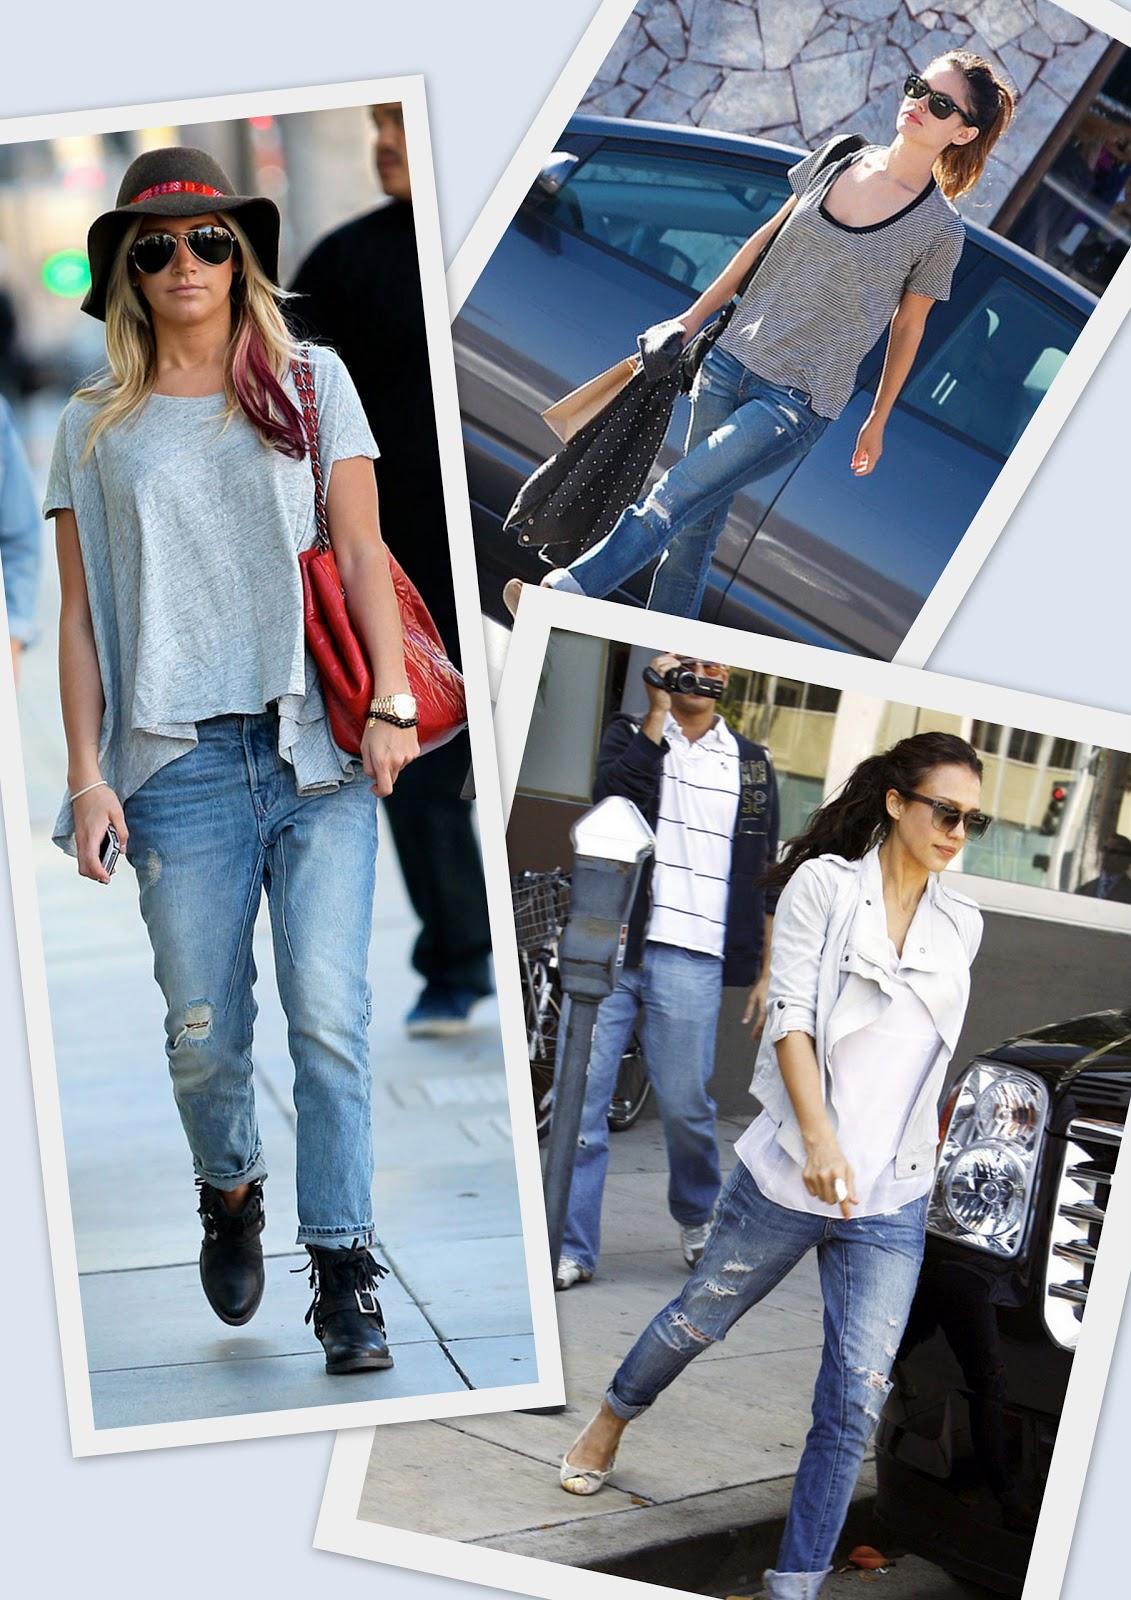 http://2.bp.blogspot.com/-vo4ApfdrohQ/UBxNhkF39BI/AAAAAAAAAsU/MunfTb1A8Oo/s1600/Collages.jpg